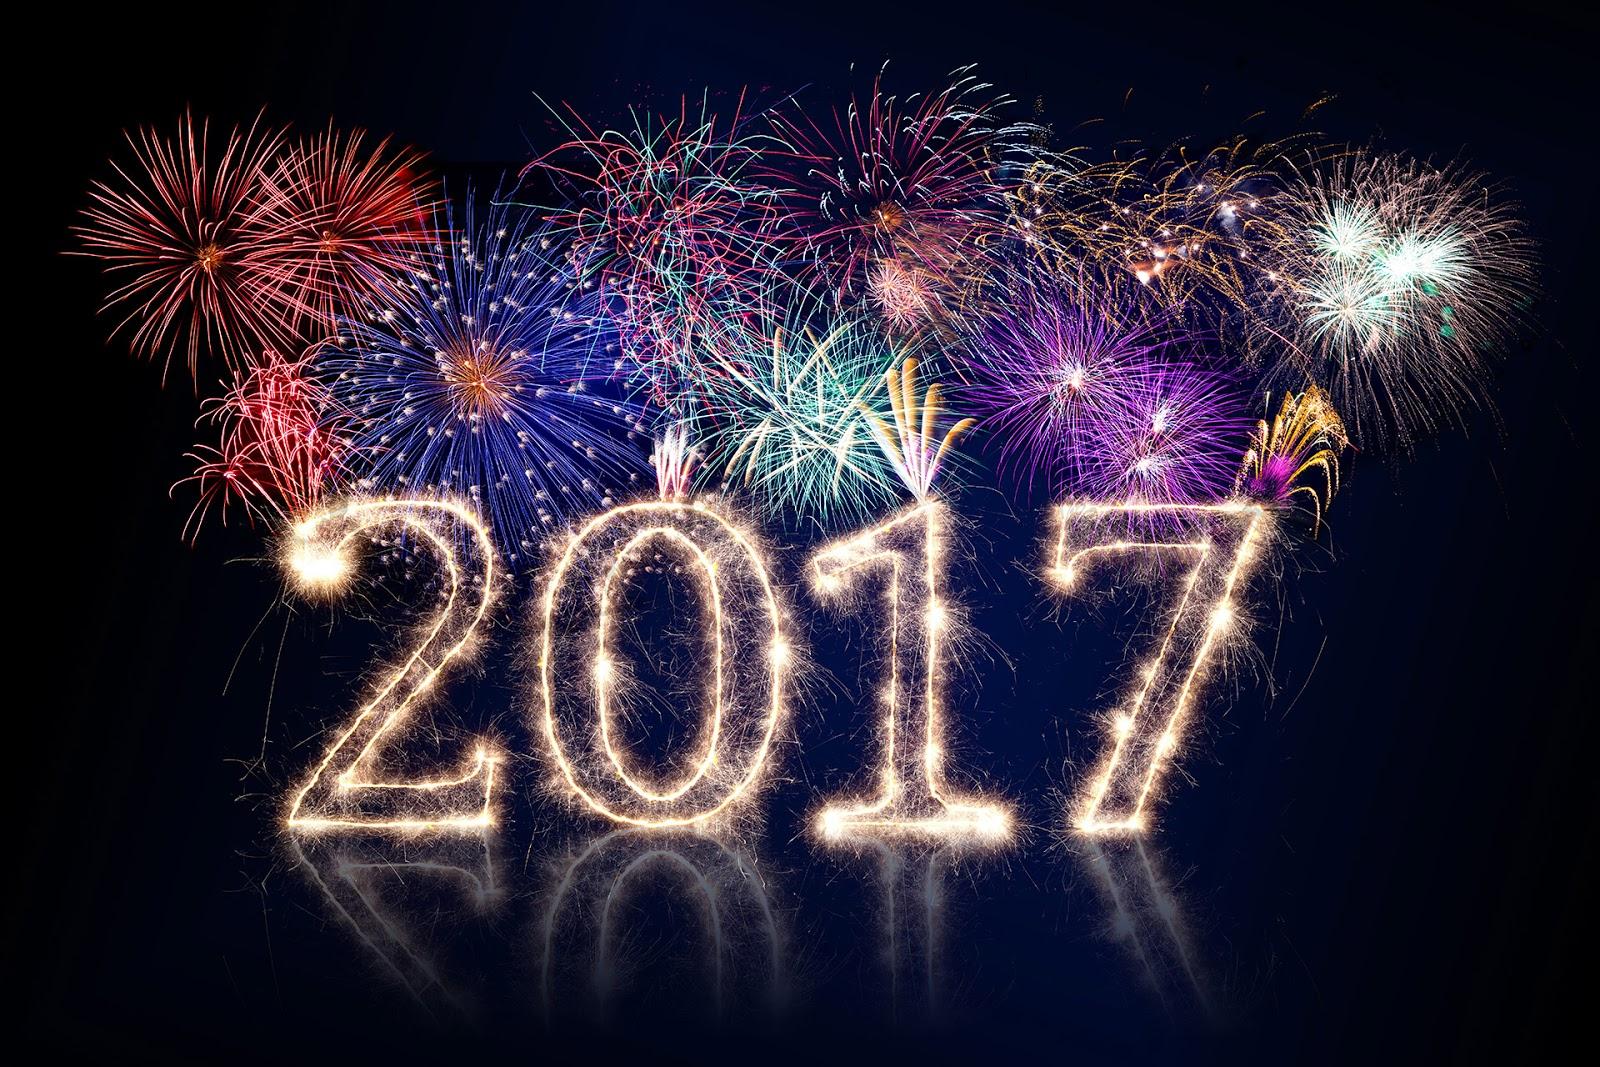 Hình nền tết 2017 đẹp chào đón năm mới - hình 09